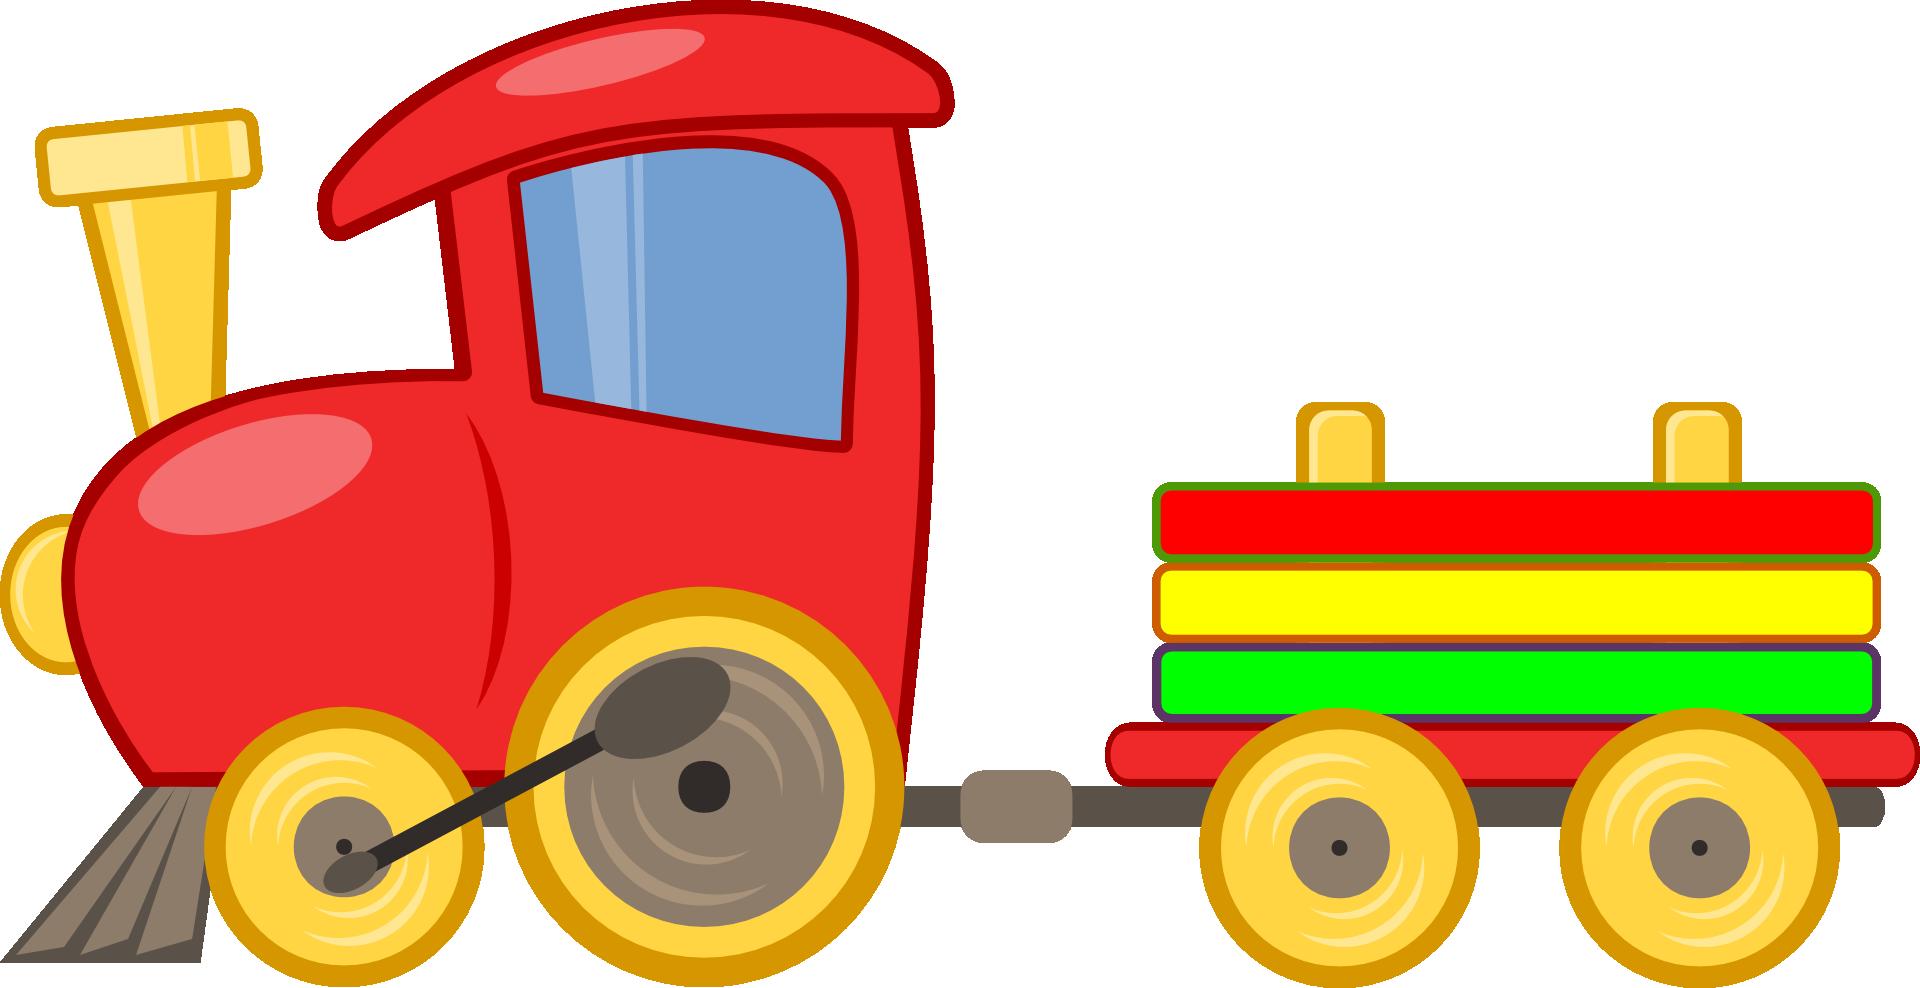 Clip art cartoon red. Clipart train toy train